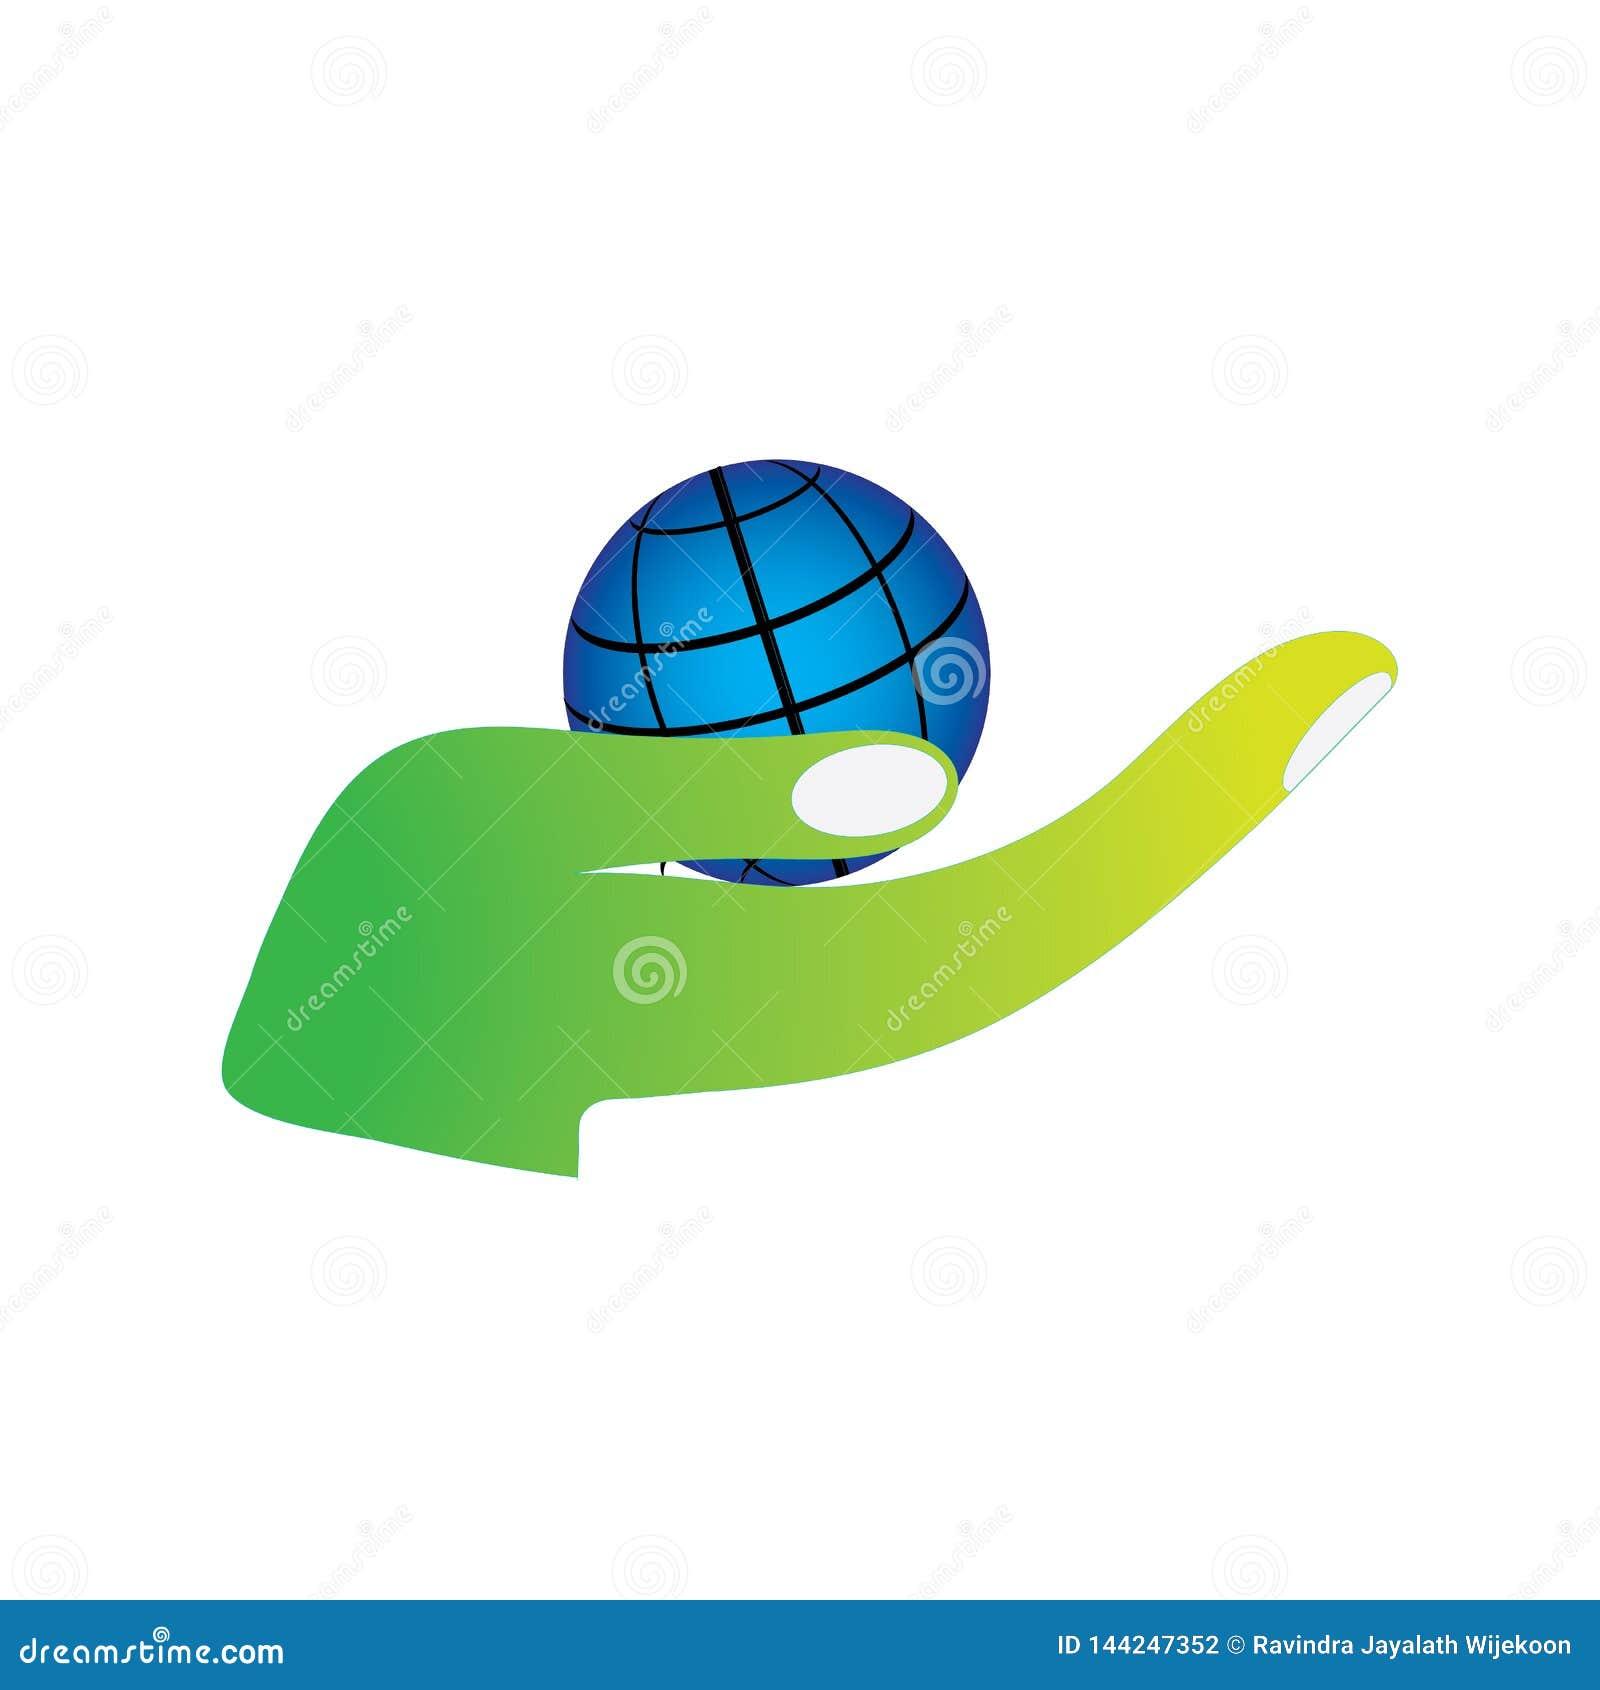 Ο πλανήτης εκμετάλλευσης χεριών σώζει στην πράσινη γη το ευνοϊκό για το περιβάλλον λογότυπο